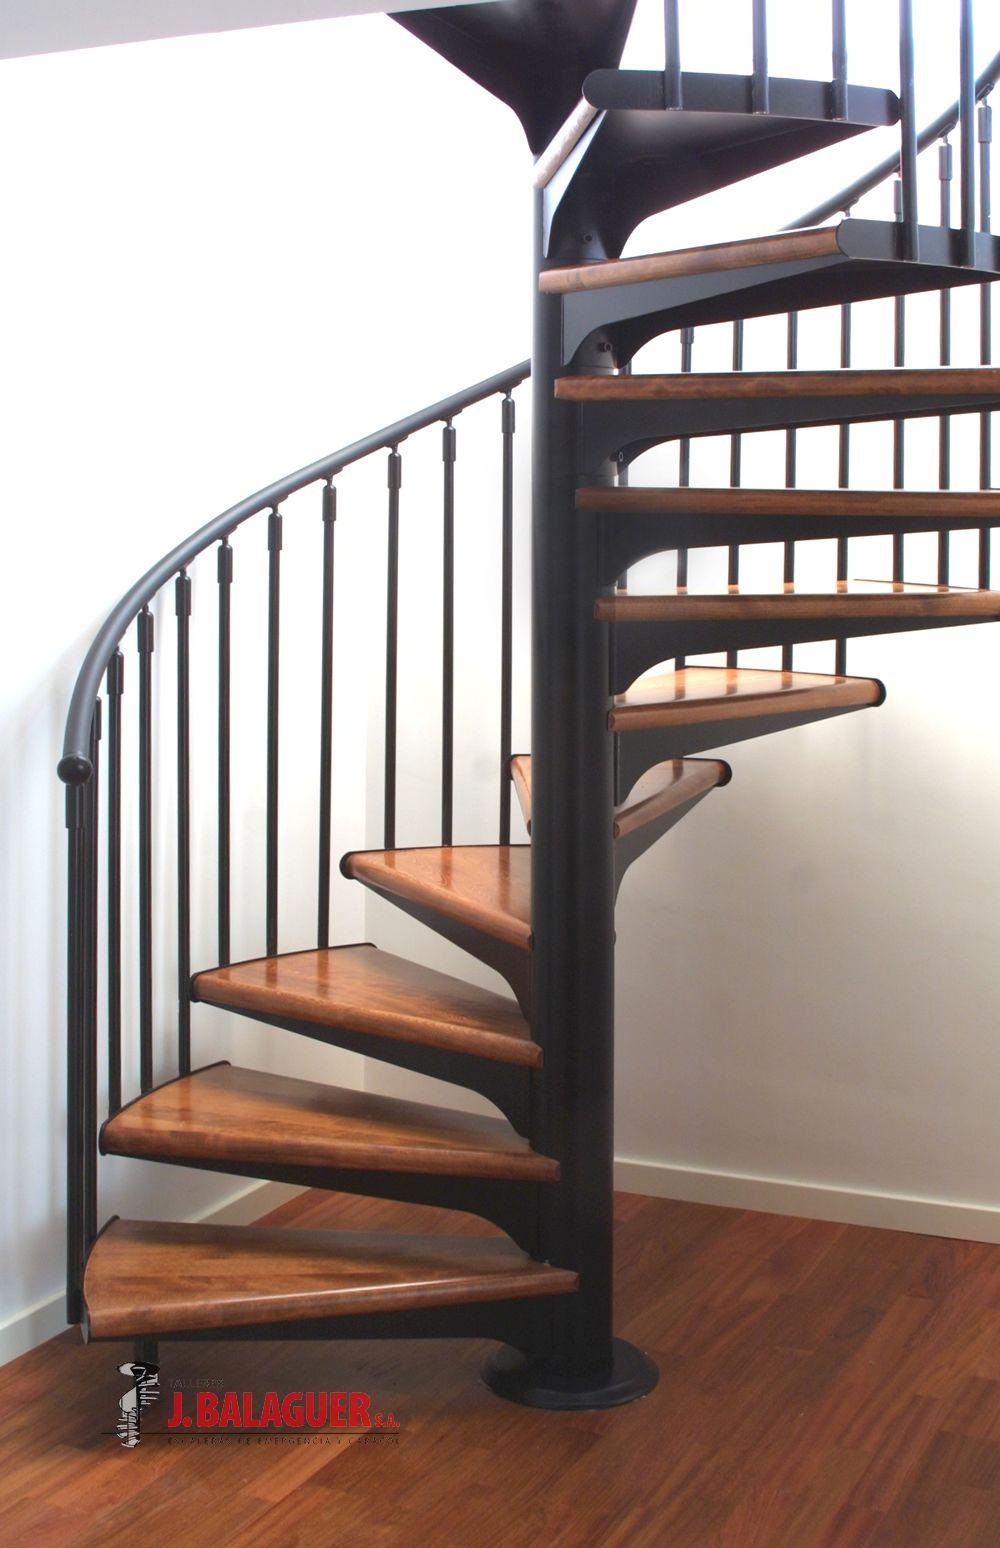 Modelo m1 escaleras balaguer for Como hacer escaleras de fierro